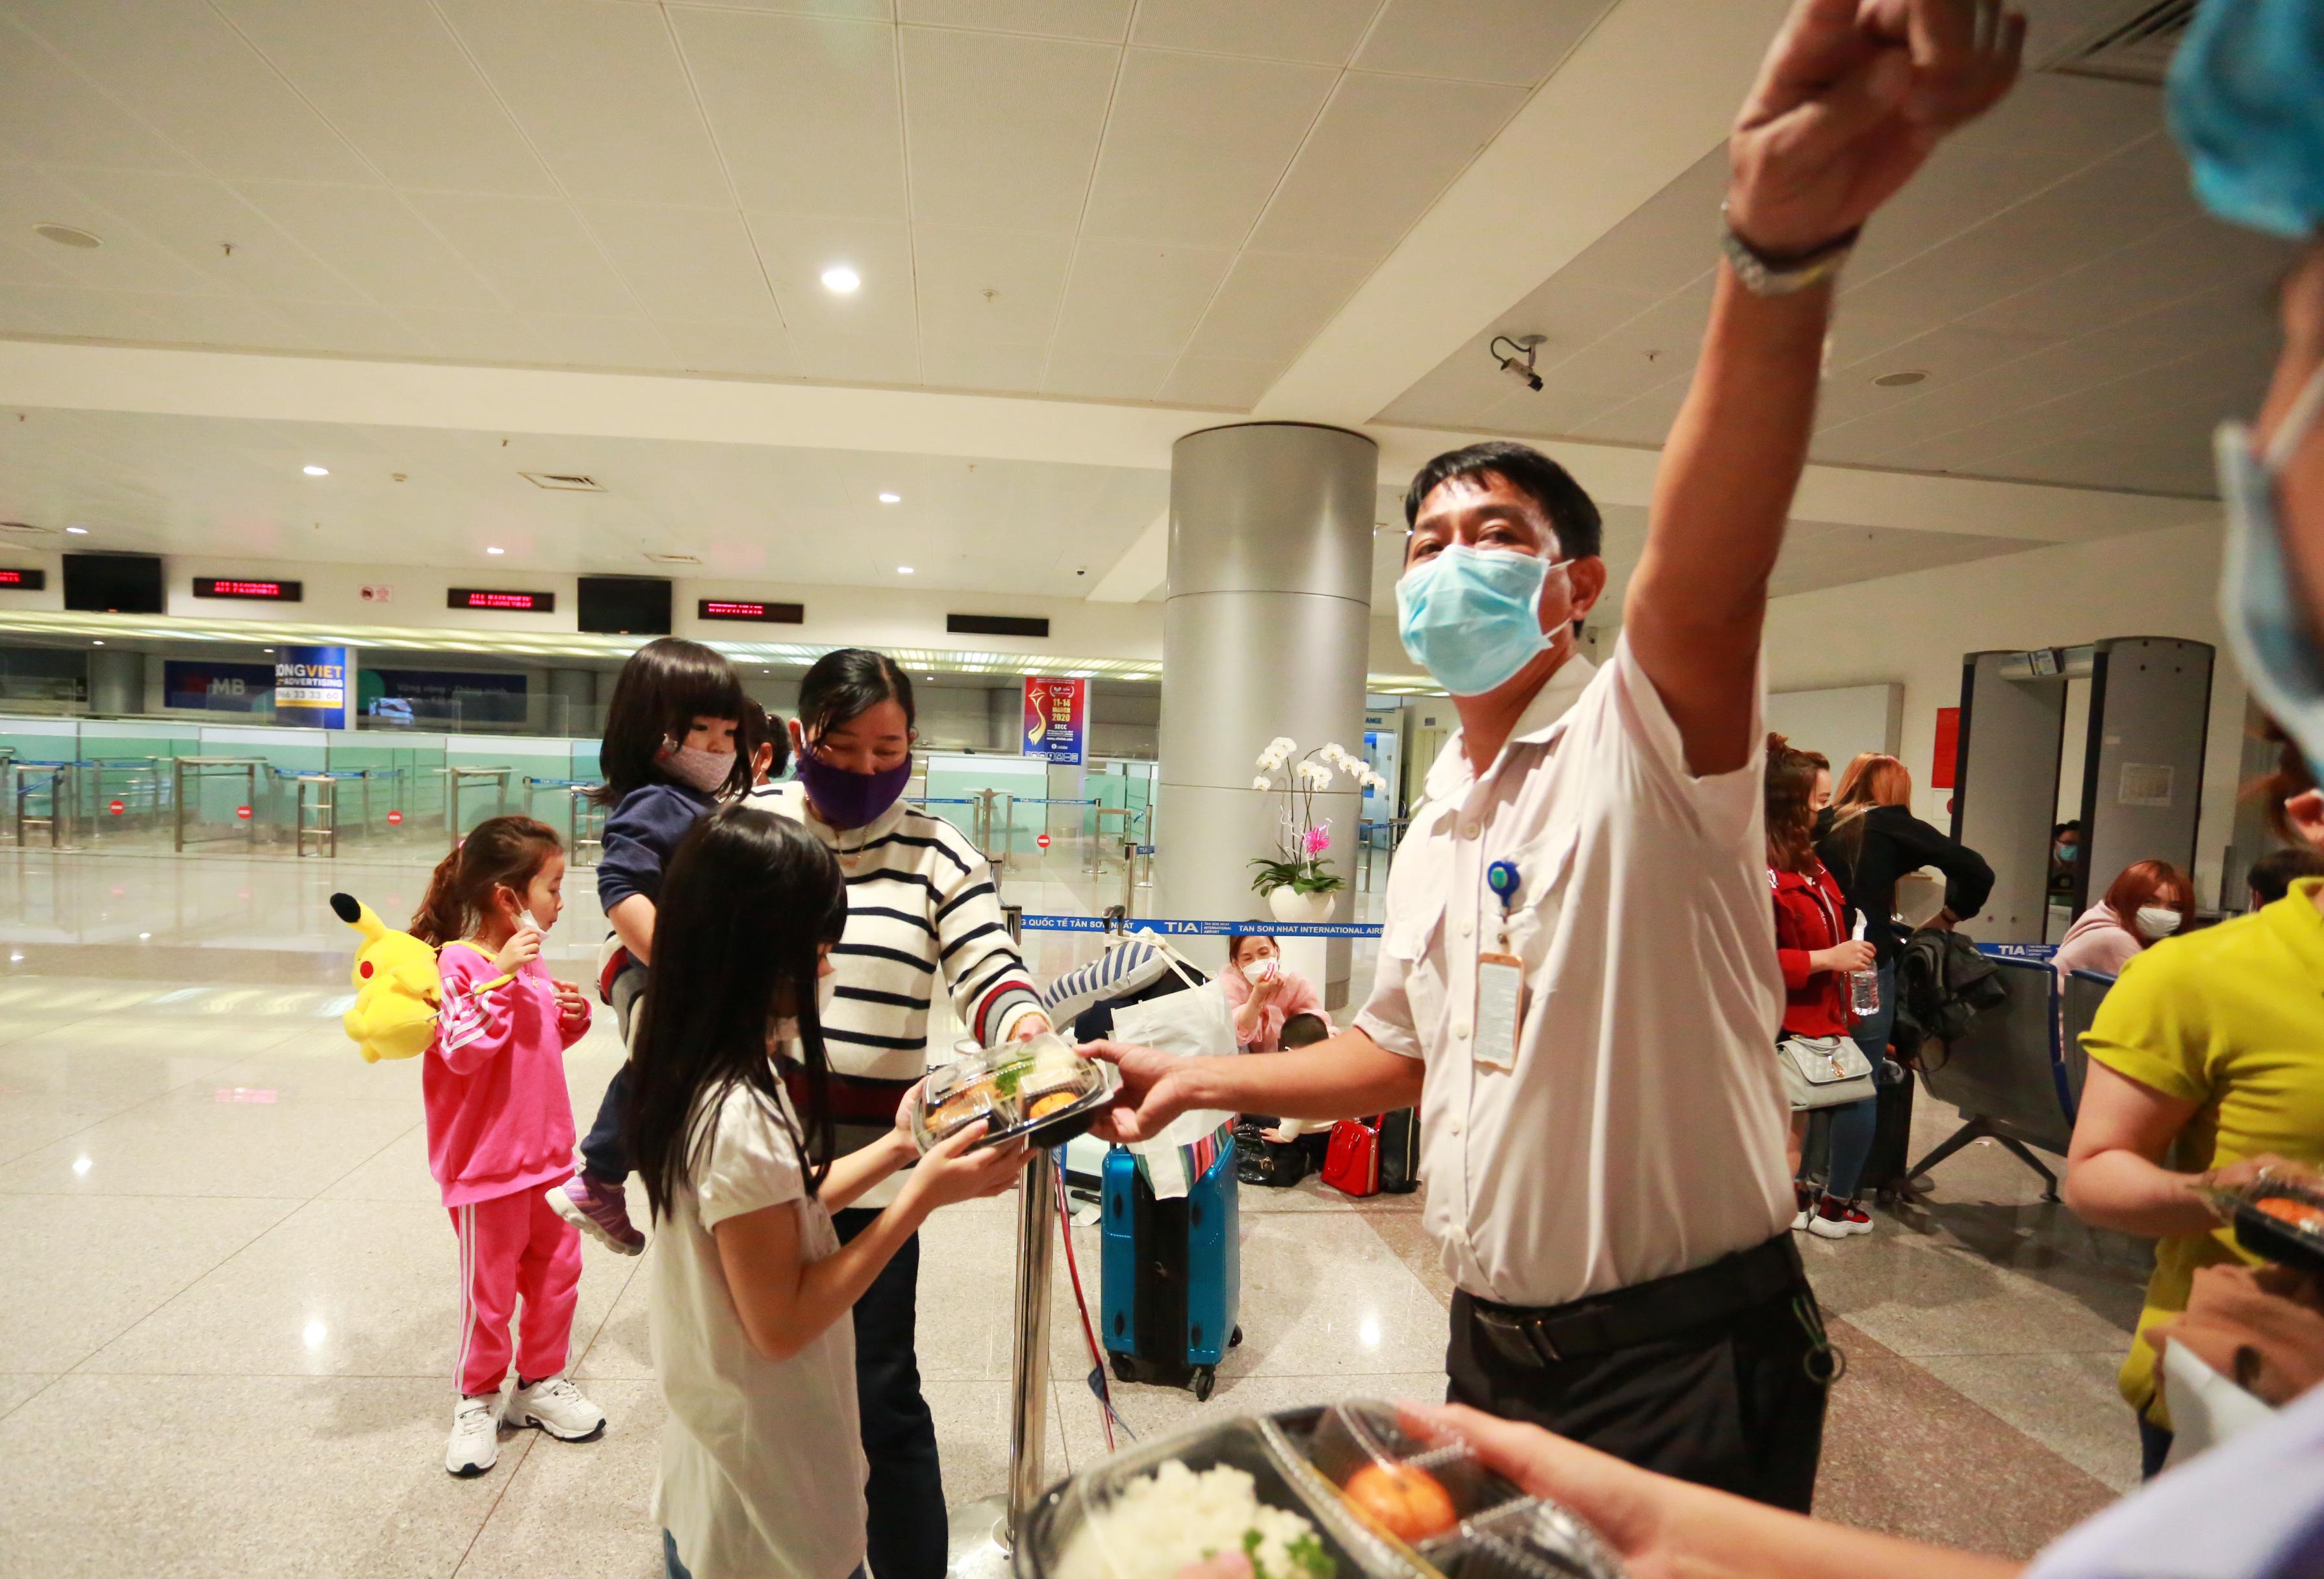 Nhân viên Trung tâm kiểm dịch y tế Quốc tế phát cơm cho các hành khách trong lúc chờ được đưa đi cách ly.